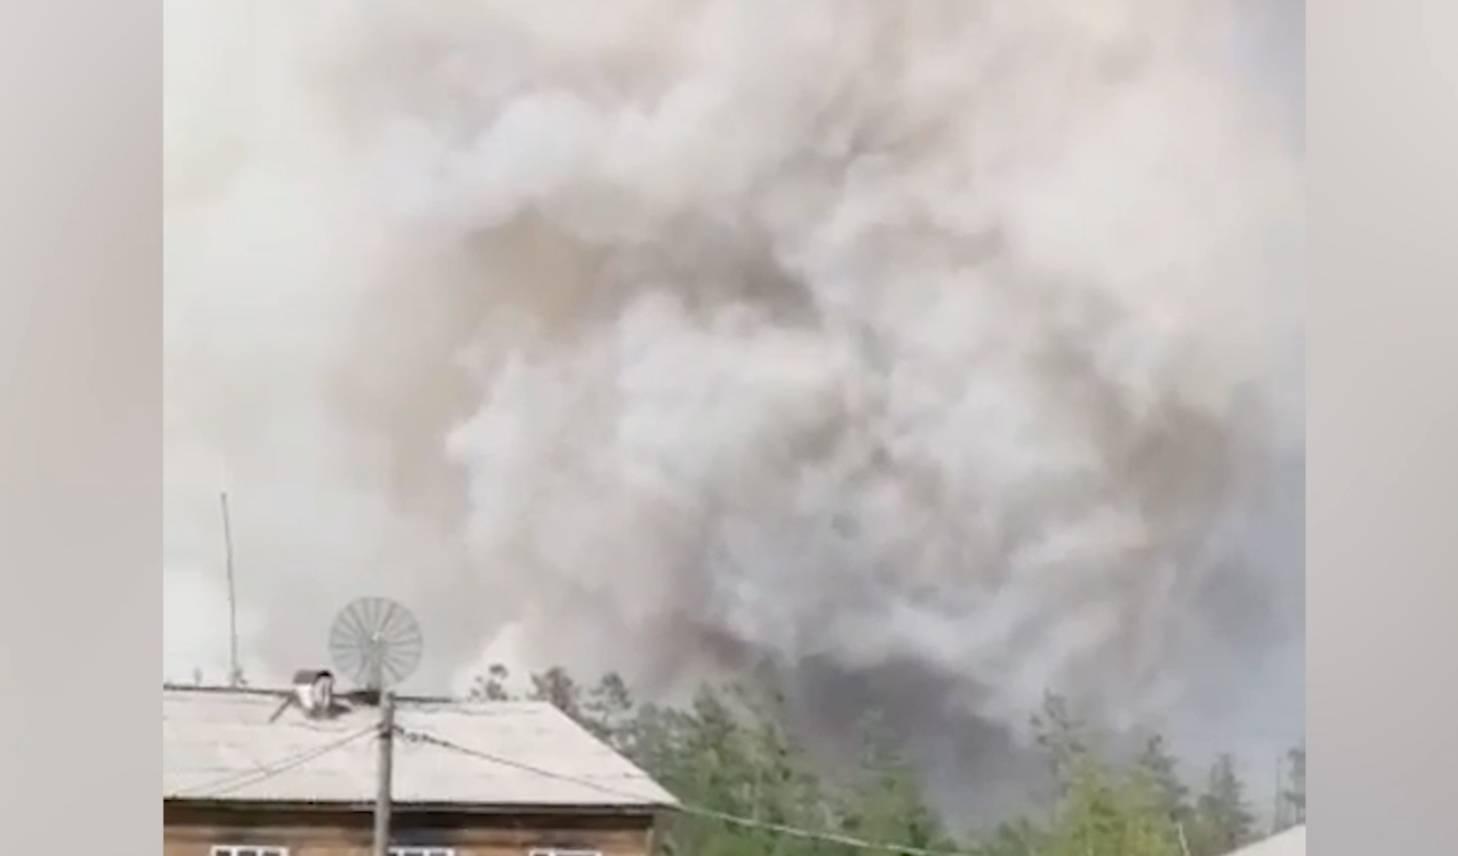 В Якутии лесной пожар вплотную приблизился к жилым посёлкам